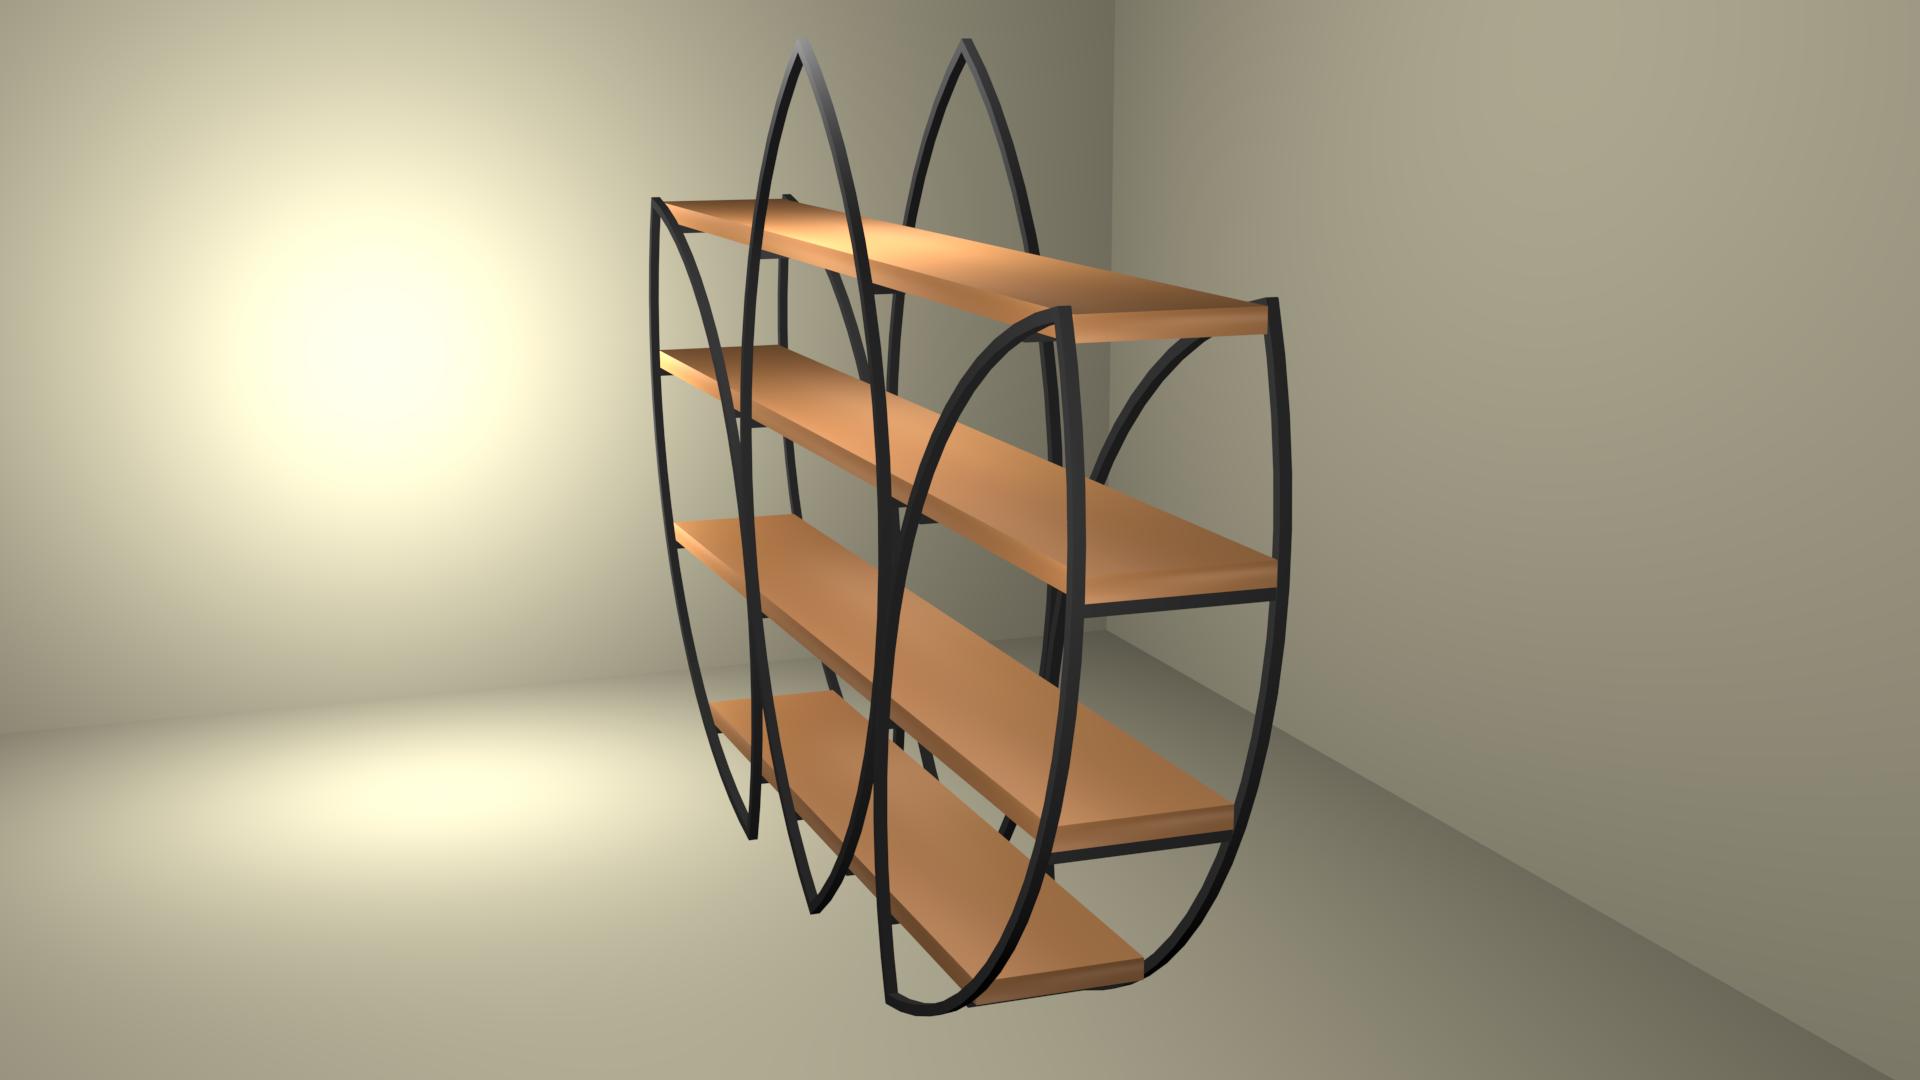 стеллаж дизайнерский,стеллаж из металла,стеллаж лофт,стеллаж деревянный